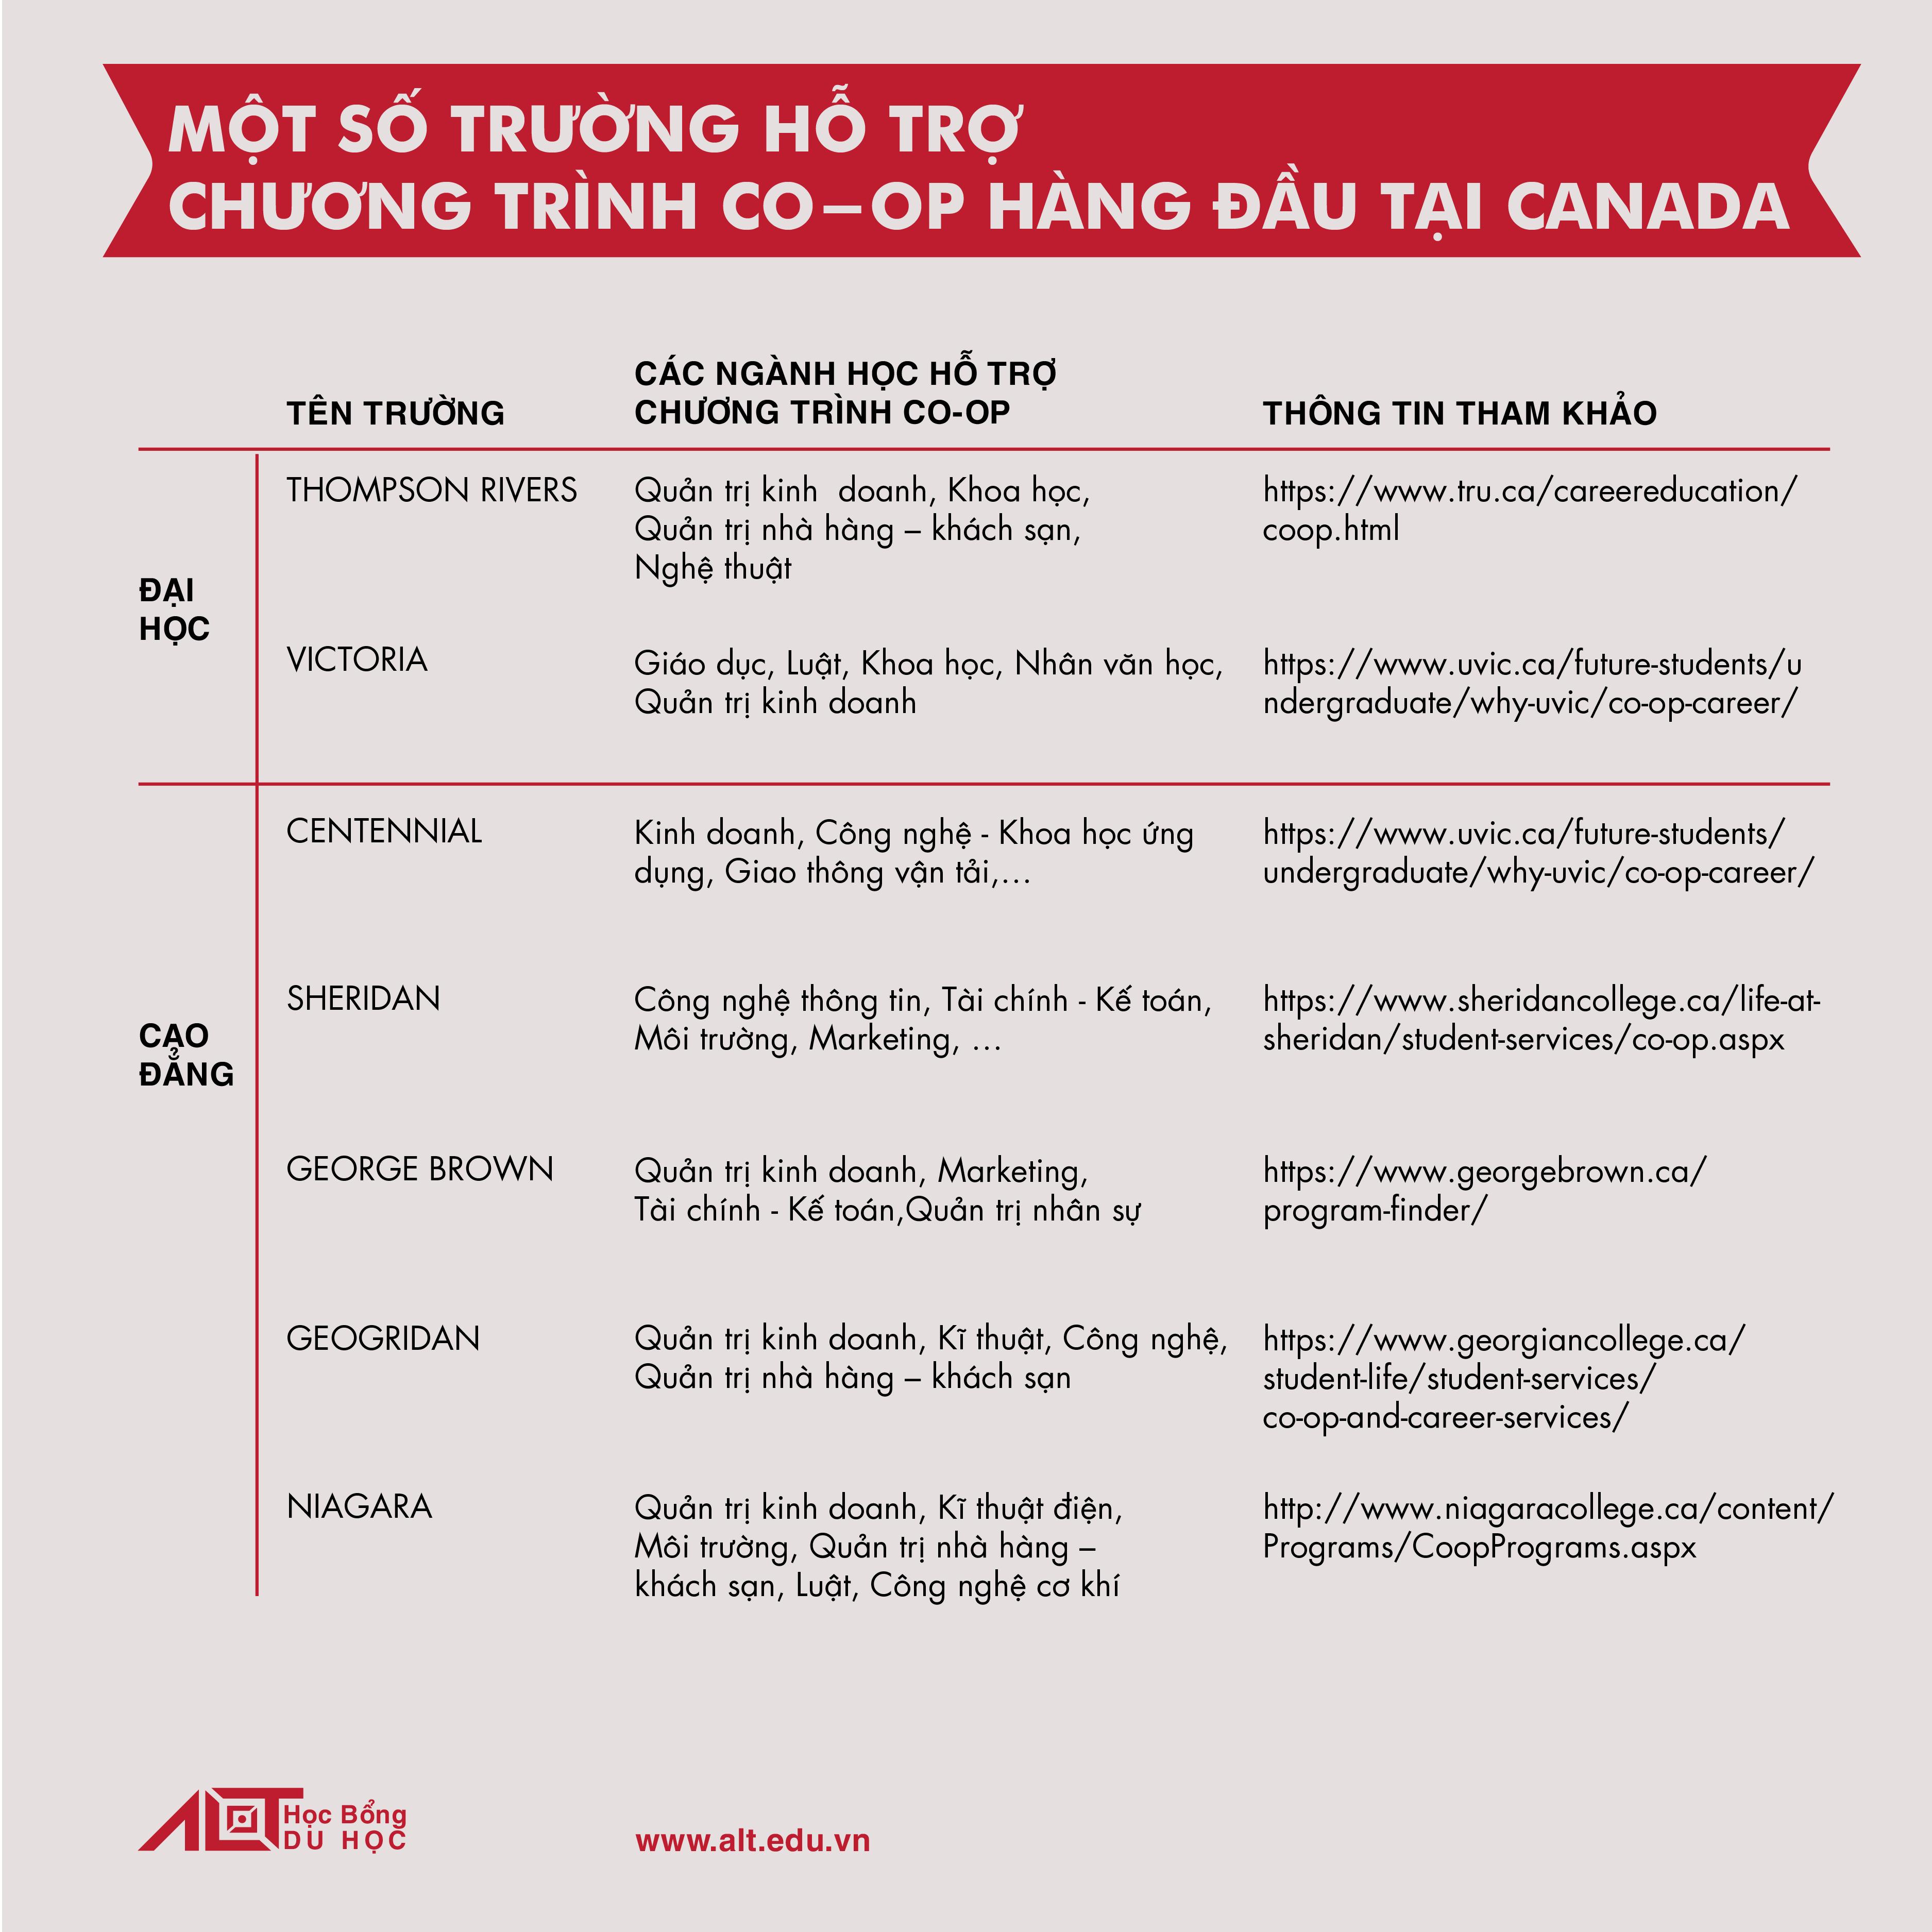 Chương trình Co-op Du Học Canada